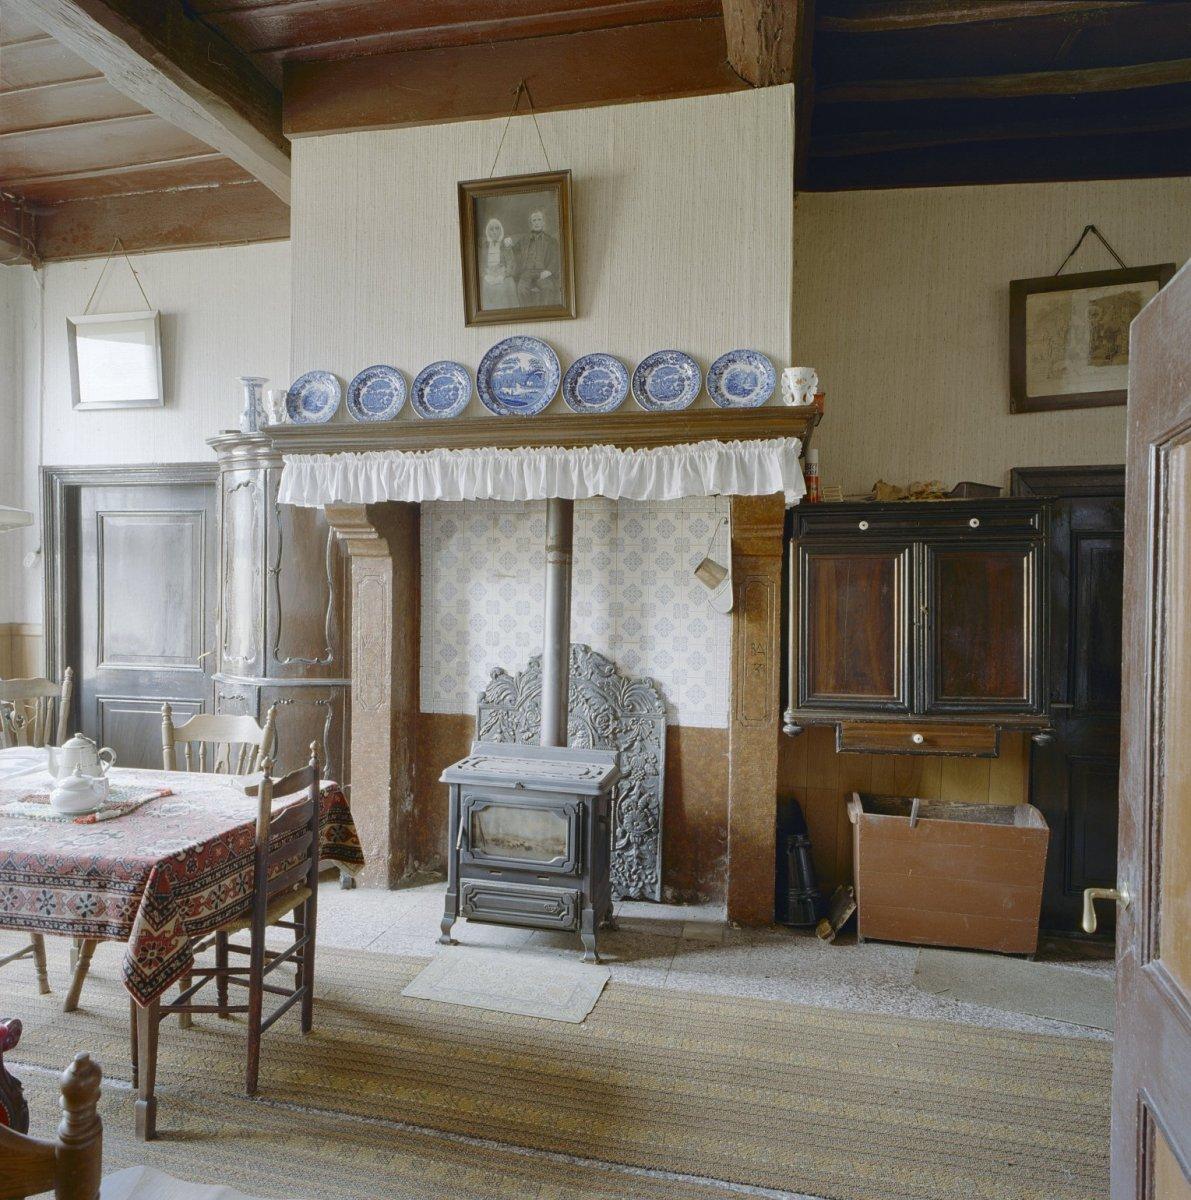 Kookeiland Woonkeuken : File Interieur voorhuis, oude keuken Winterswijk